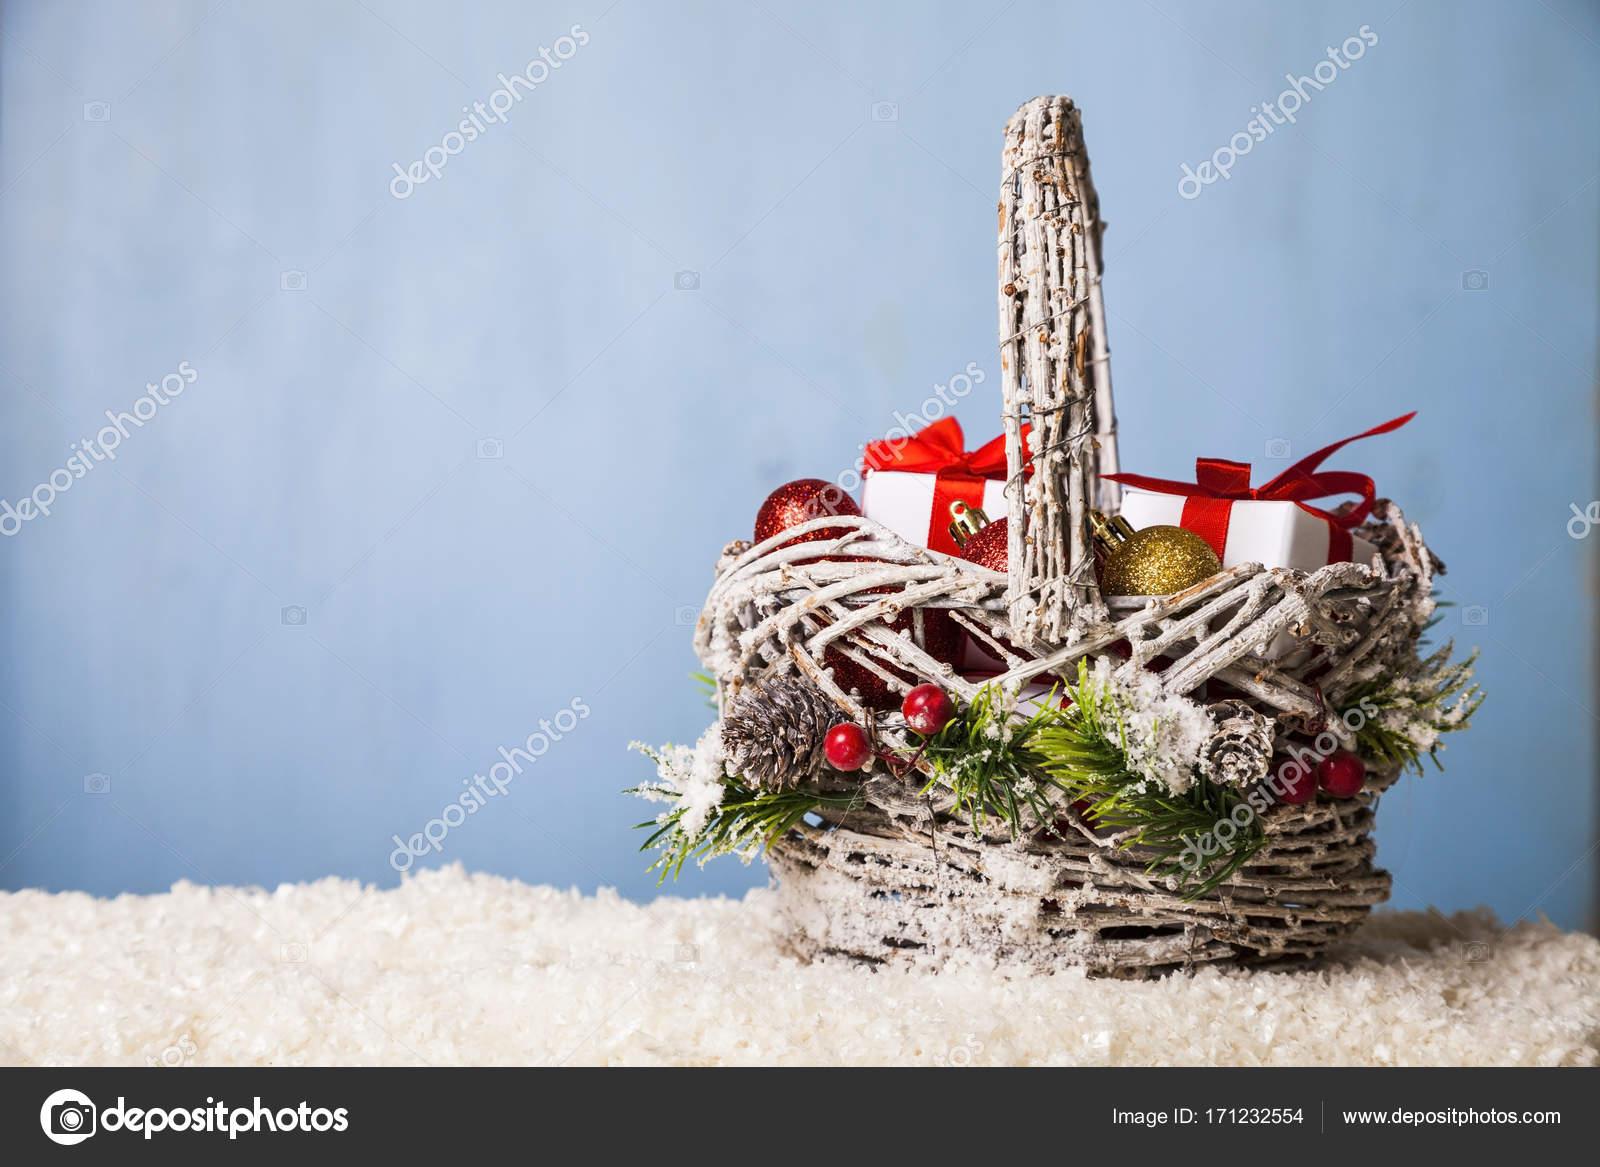 Korb mit Weihnachtsgeschenke im Schnee — Stockfoto © Enika100 #171232554